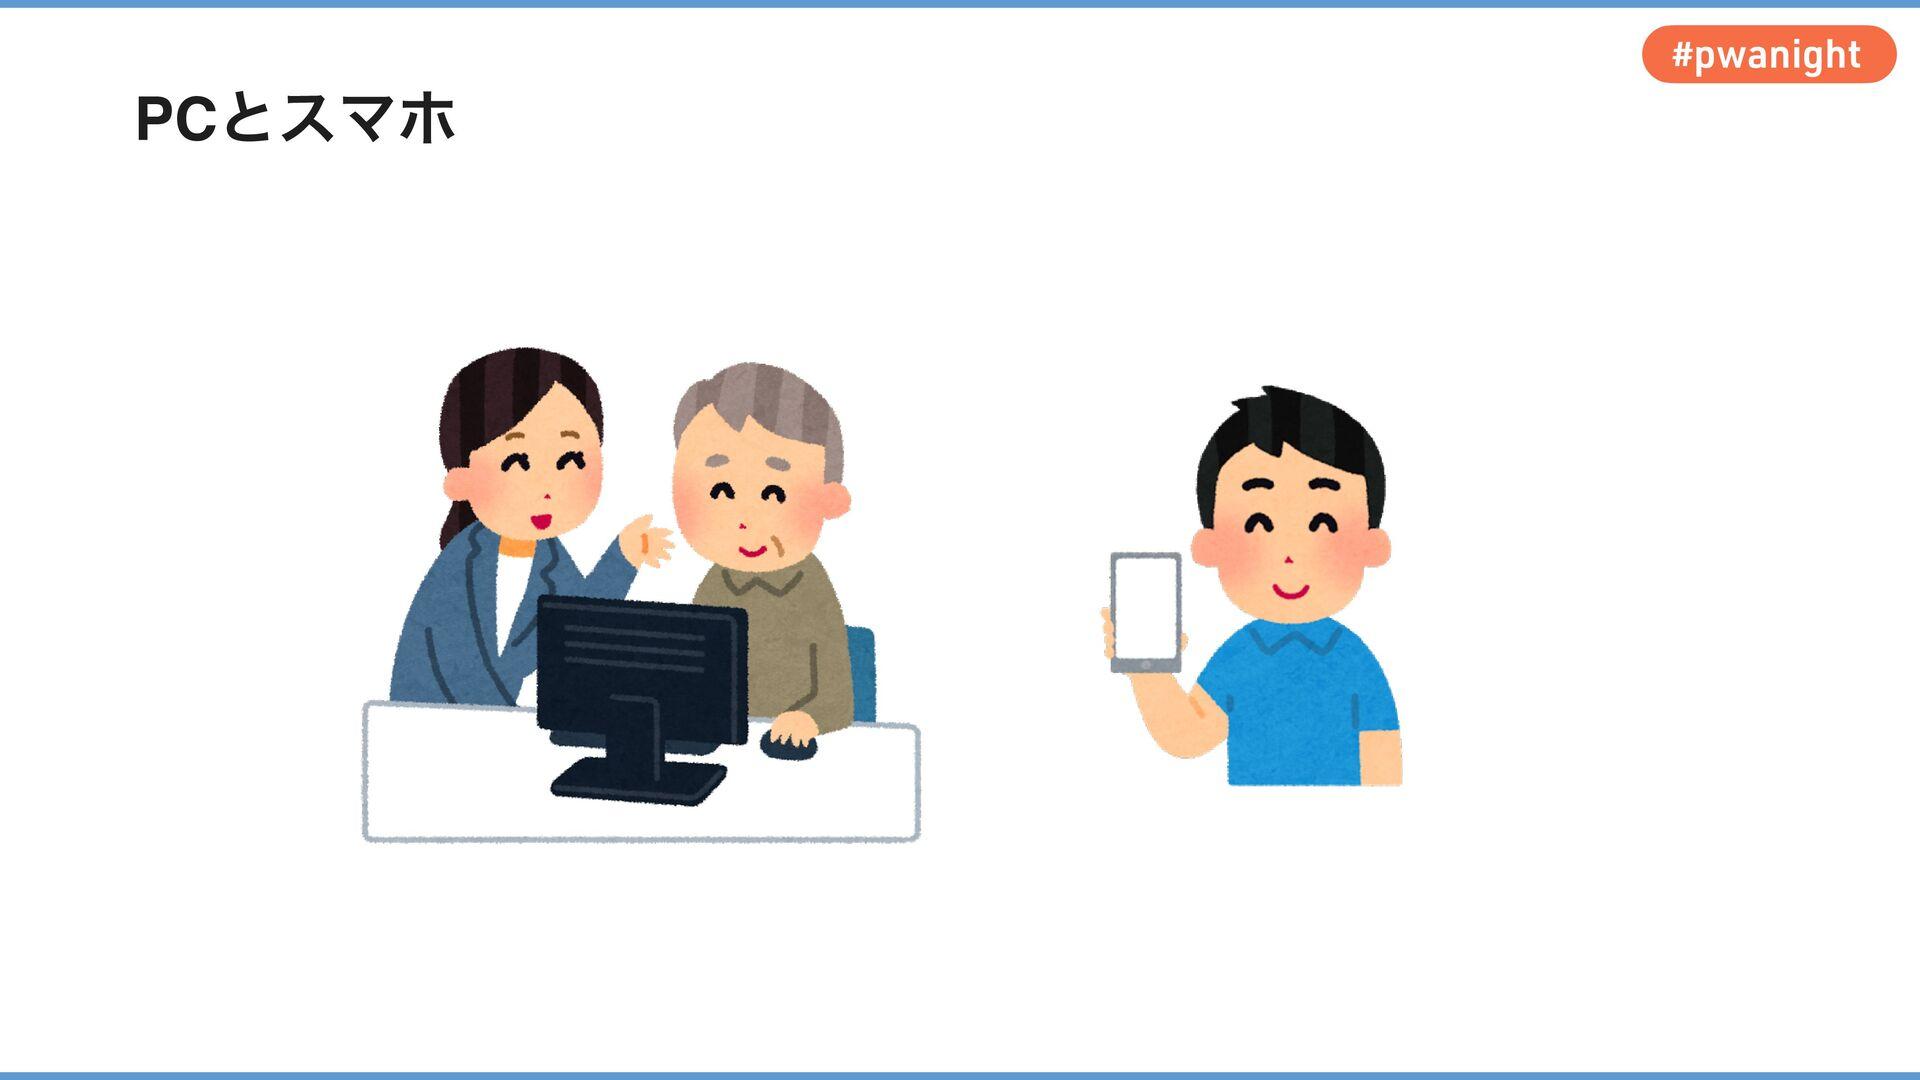 #pwanight PCとスマホ